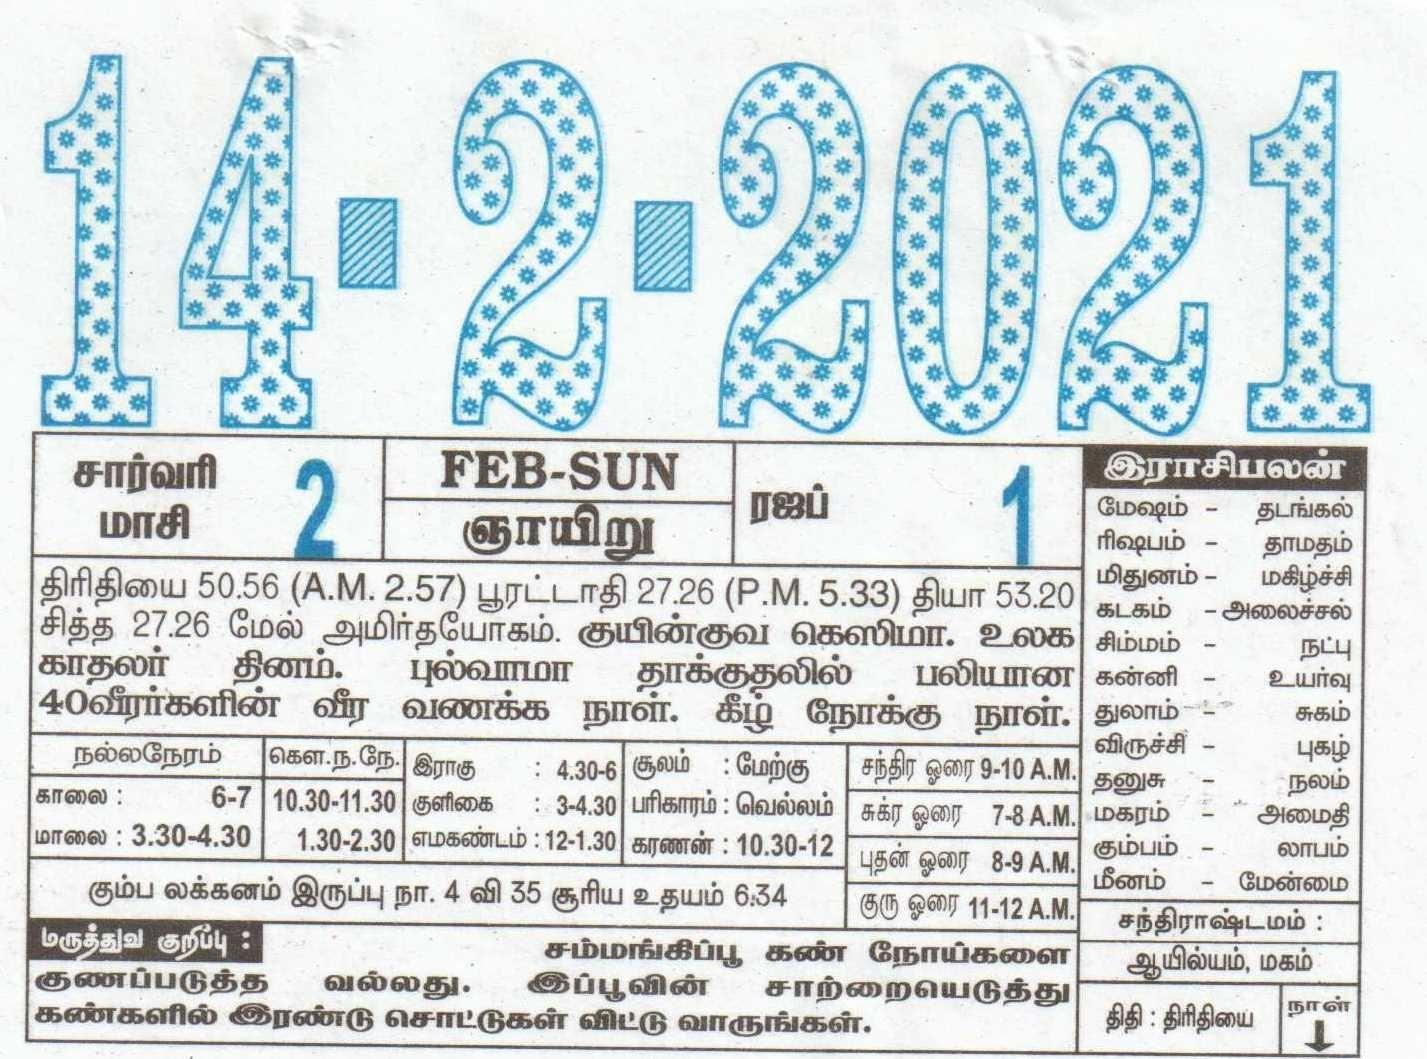 14-02-2021 Daily Calendar   Date 14 , January Daily Tear Off Calendar   Daily Panchangam Rasi Palan Tamil Daily Calendar 2021 December